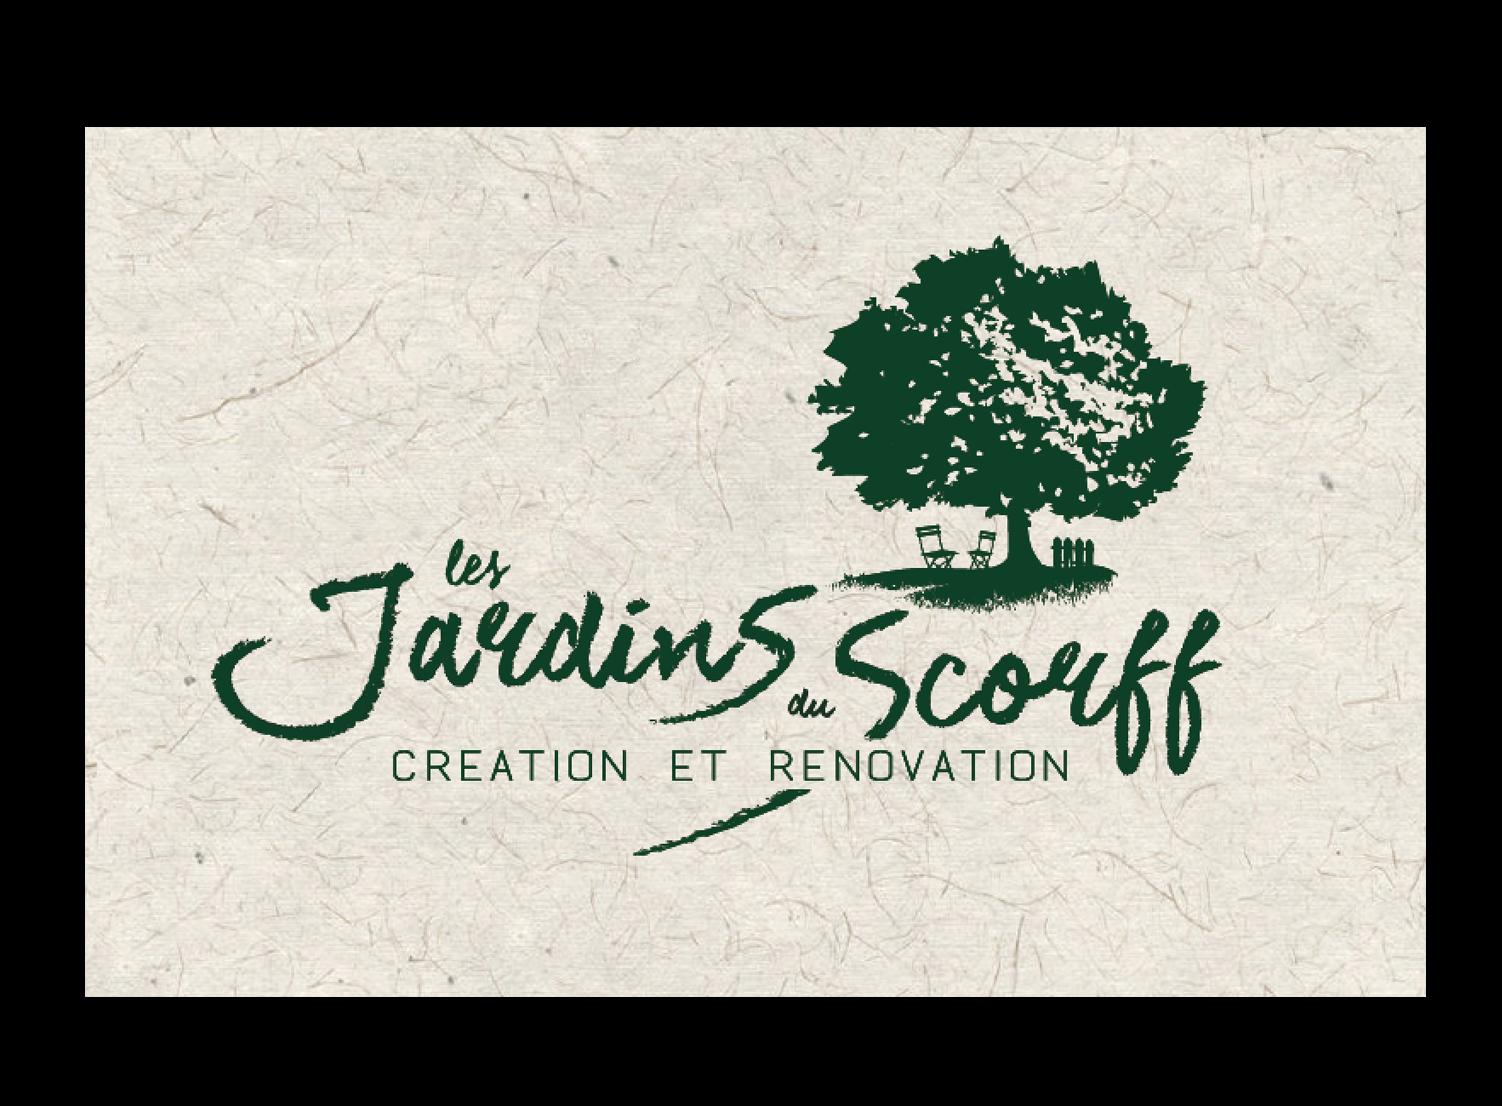 Les jardins du Scorff 2